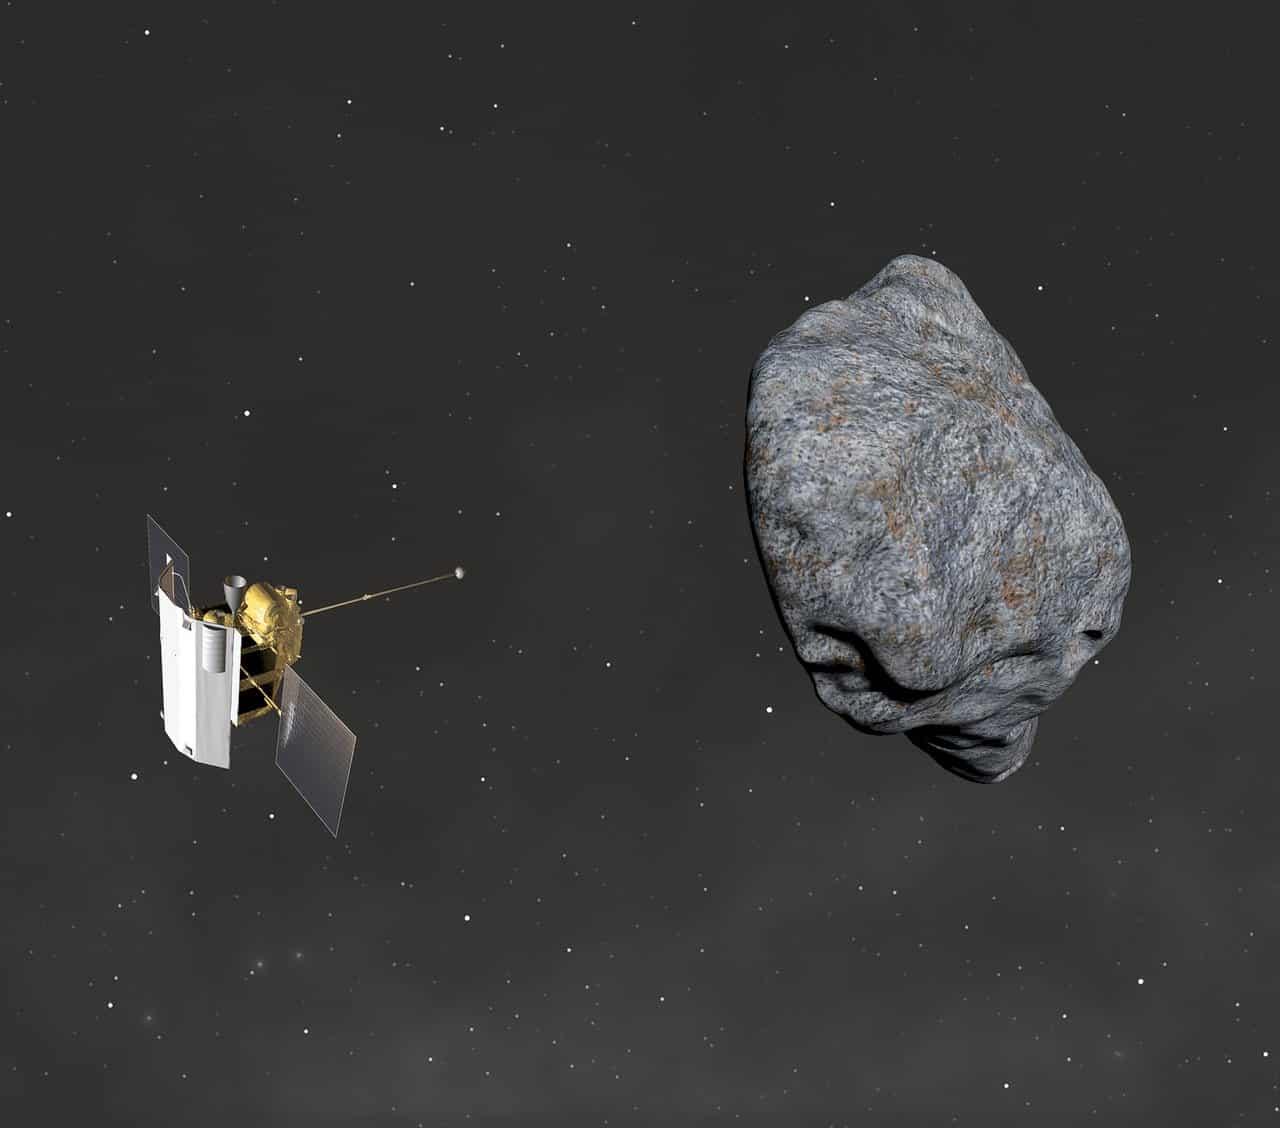 Un satellite autour d'un astéroïde